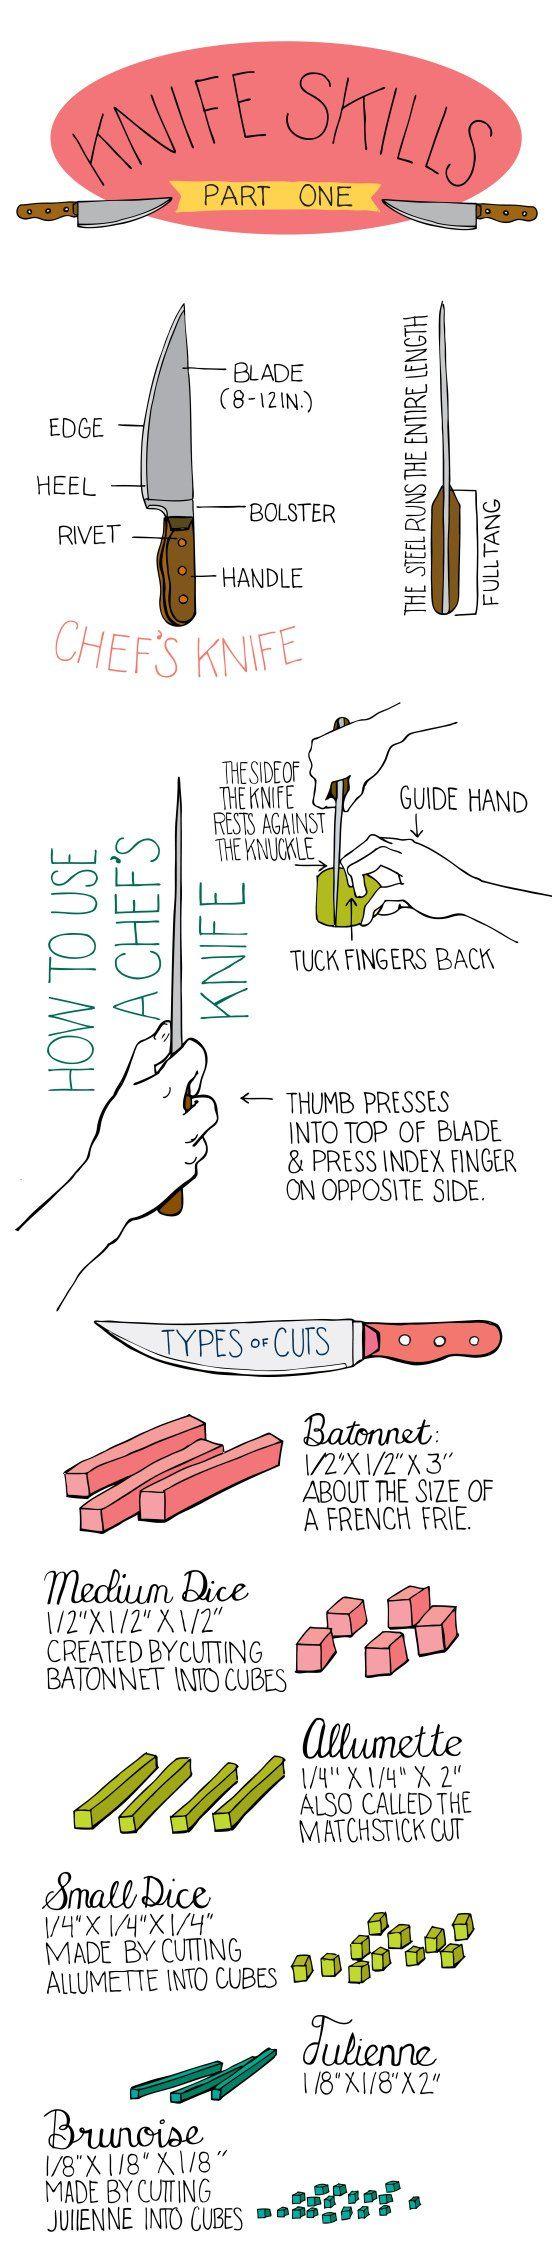 Tipps für den besseren Umgang mit den scharfen Freunden. #messer #technik